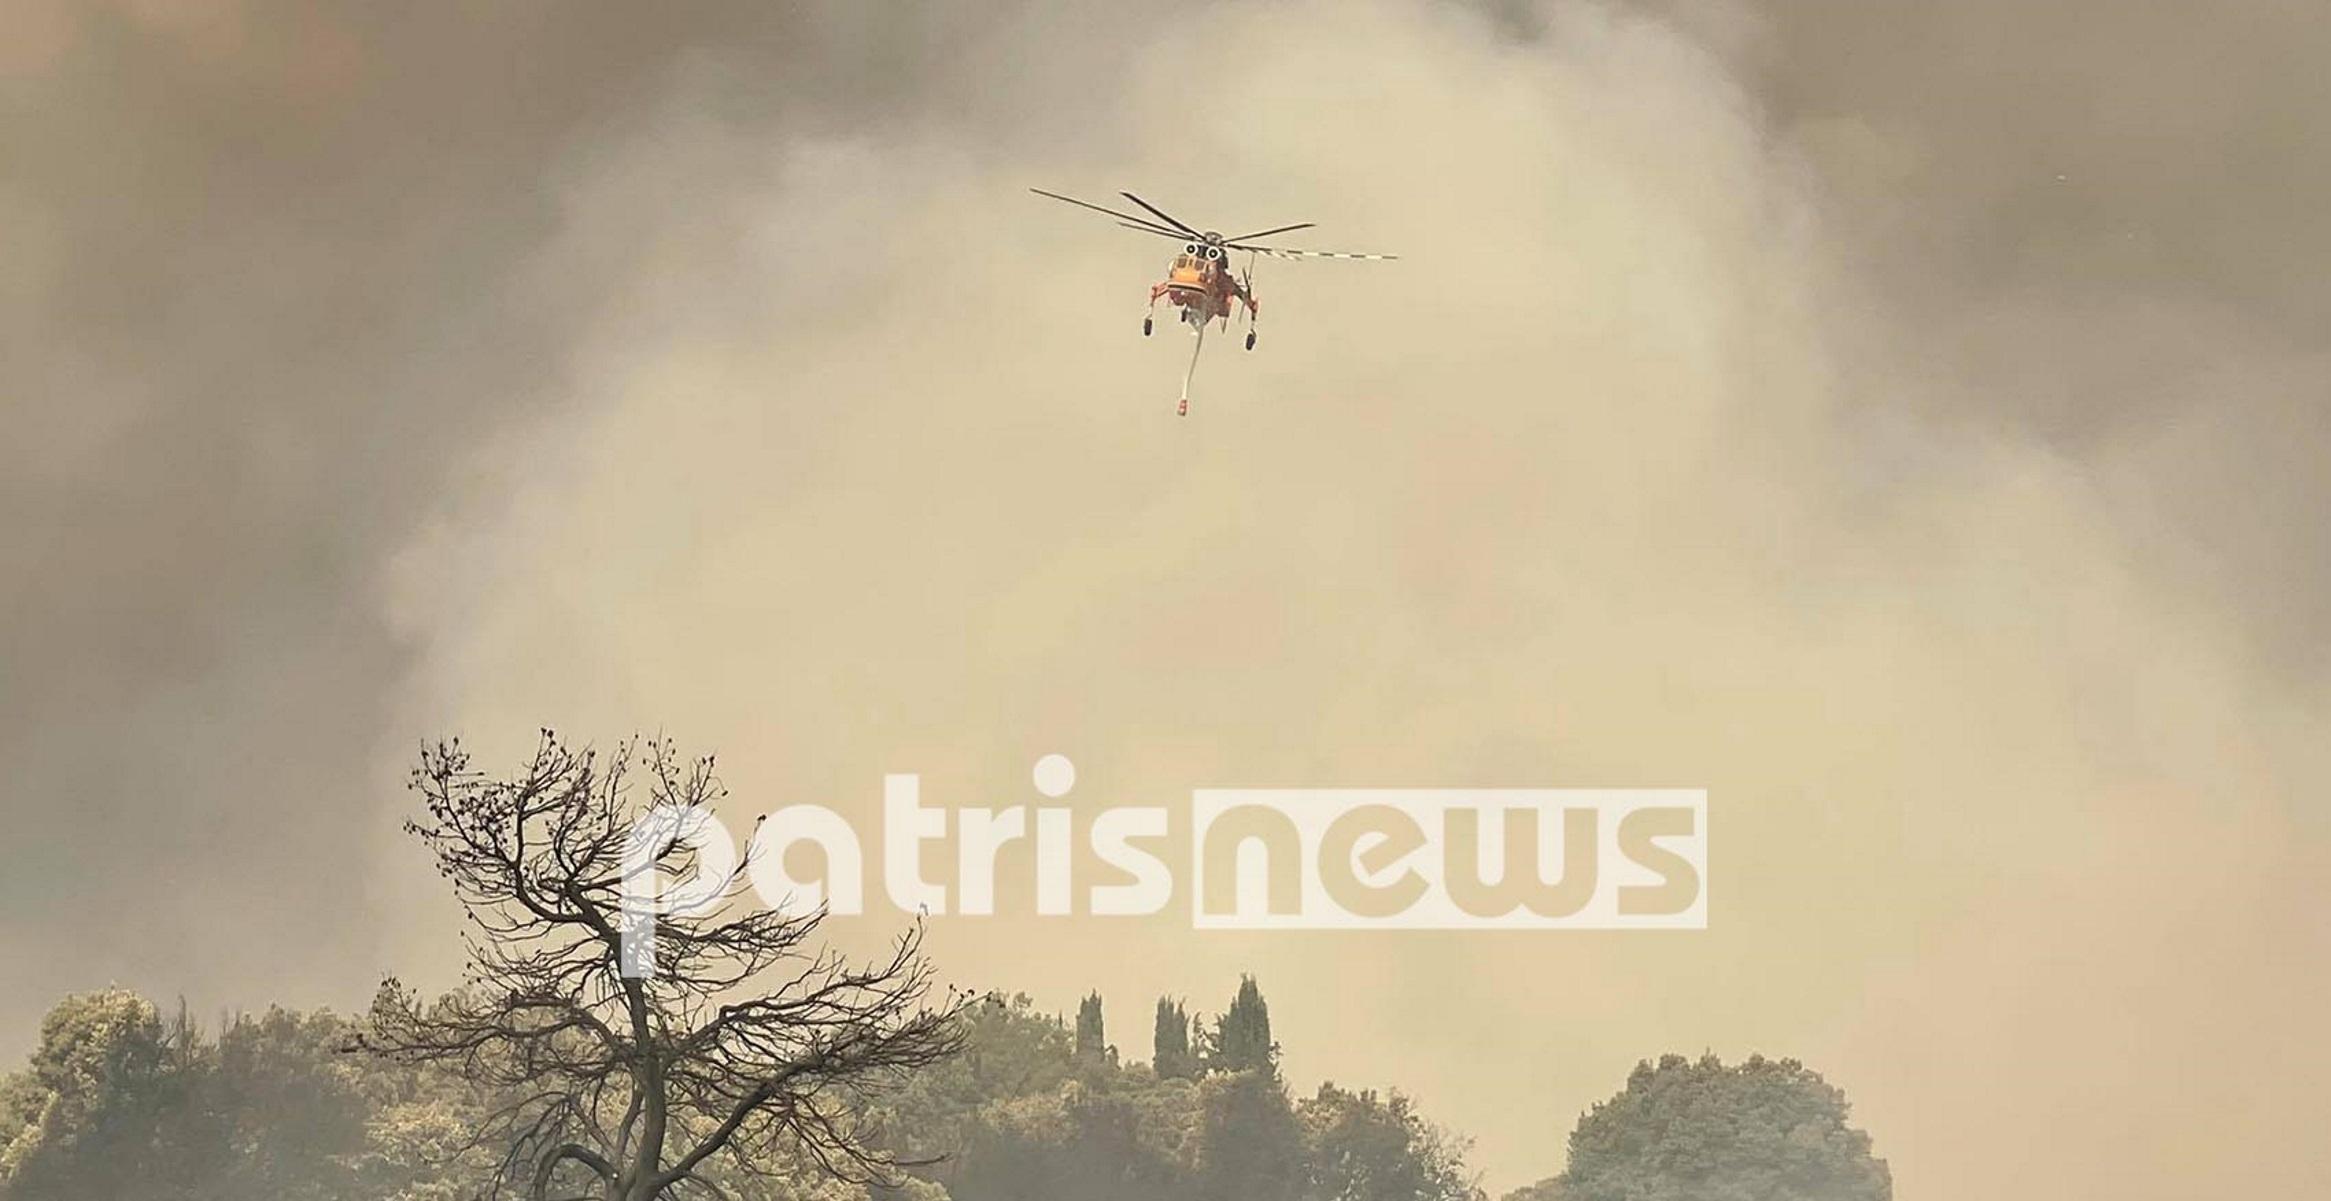 Φωτιές στην Ηλεία: Περιγράφουν πώς κατάφεραν να σώσουν τα σπίτια τους